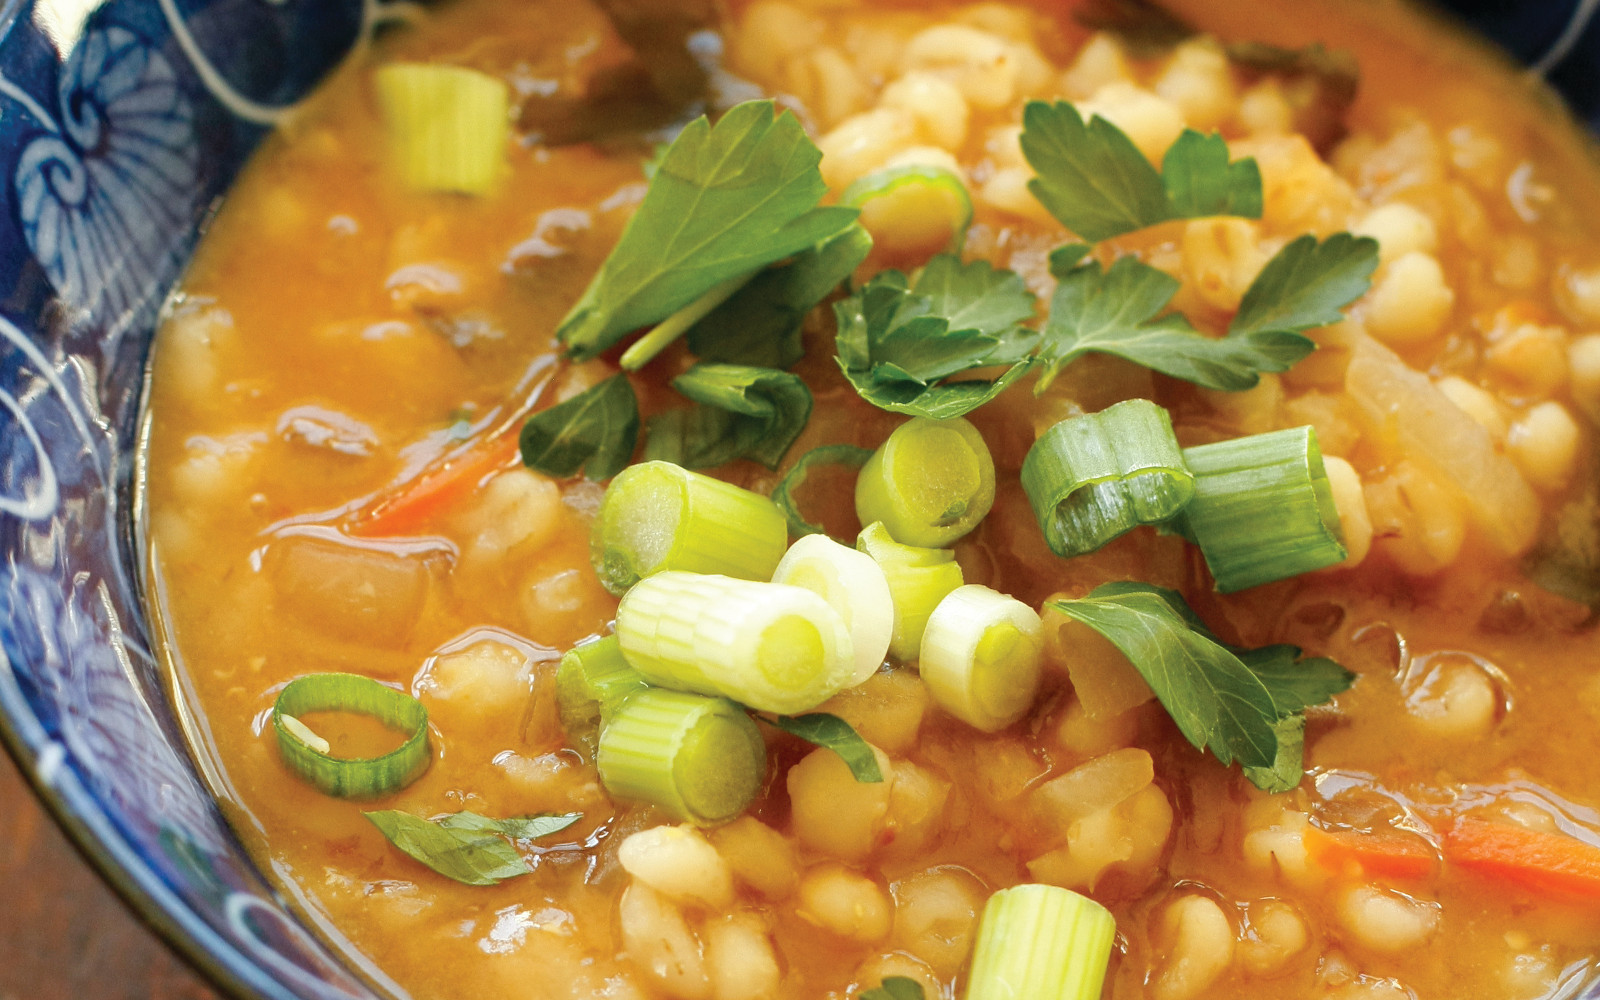 Vegan Macrobiotic Pearled Barley Ojiya: Japanese Breakfast Porridge with green onions